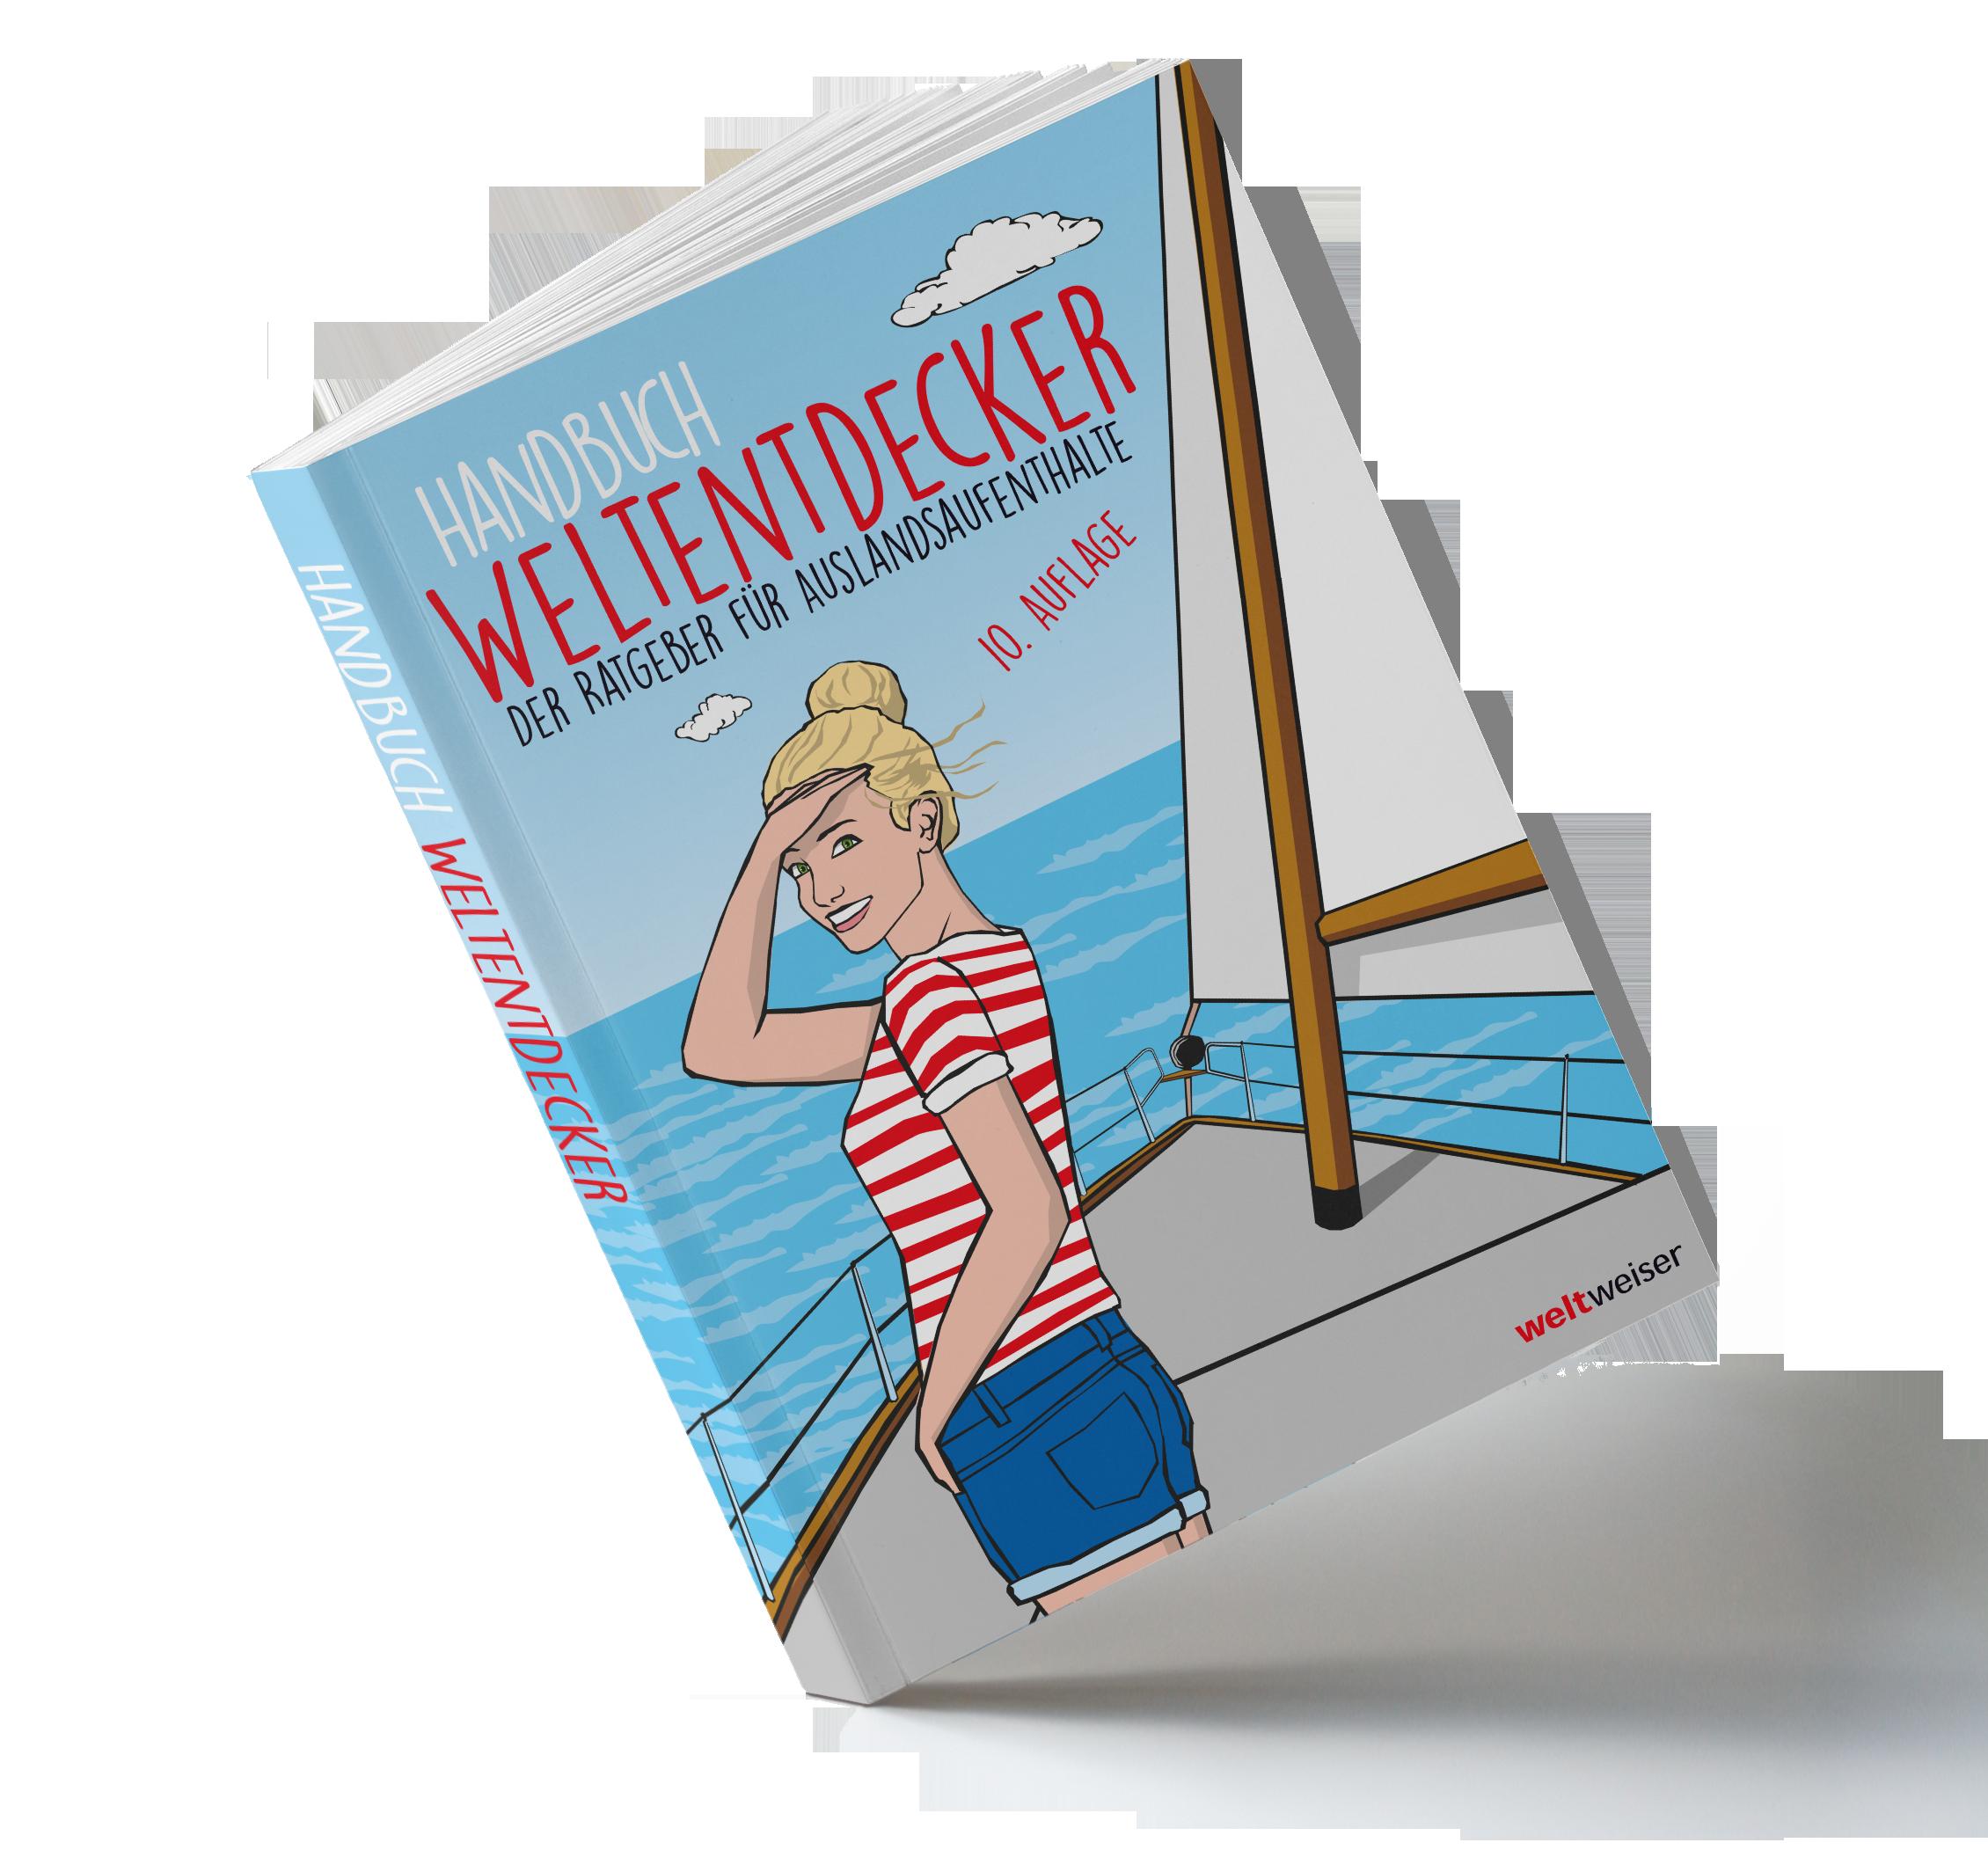 weltweiser_Handbuch_Weltentdecker_2018_Cover_PNG